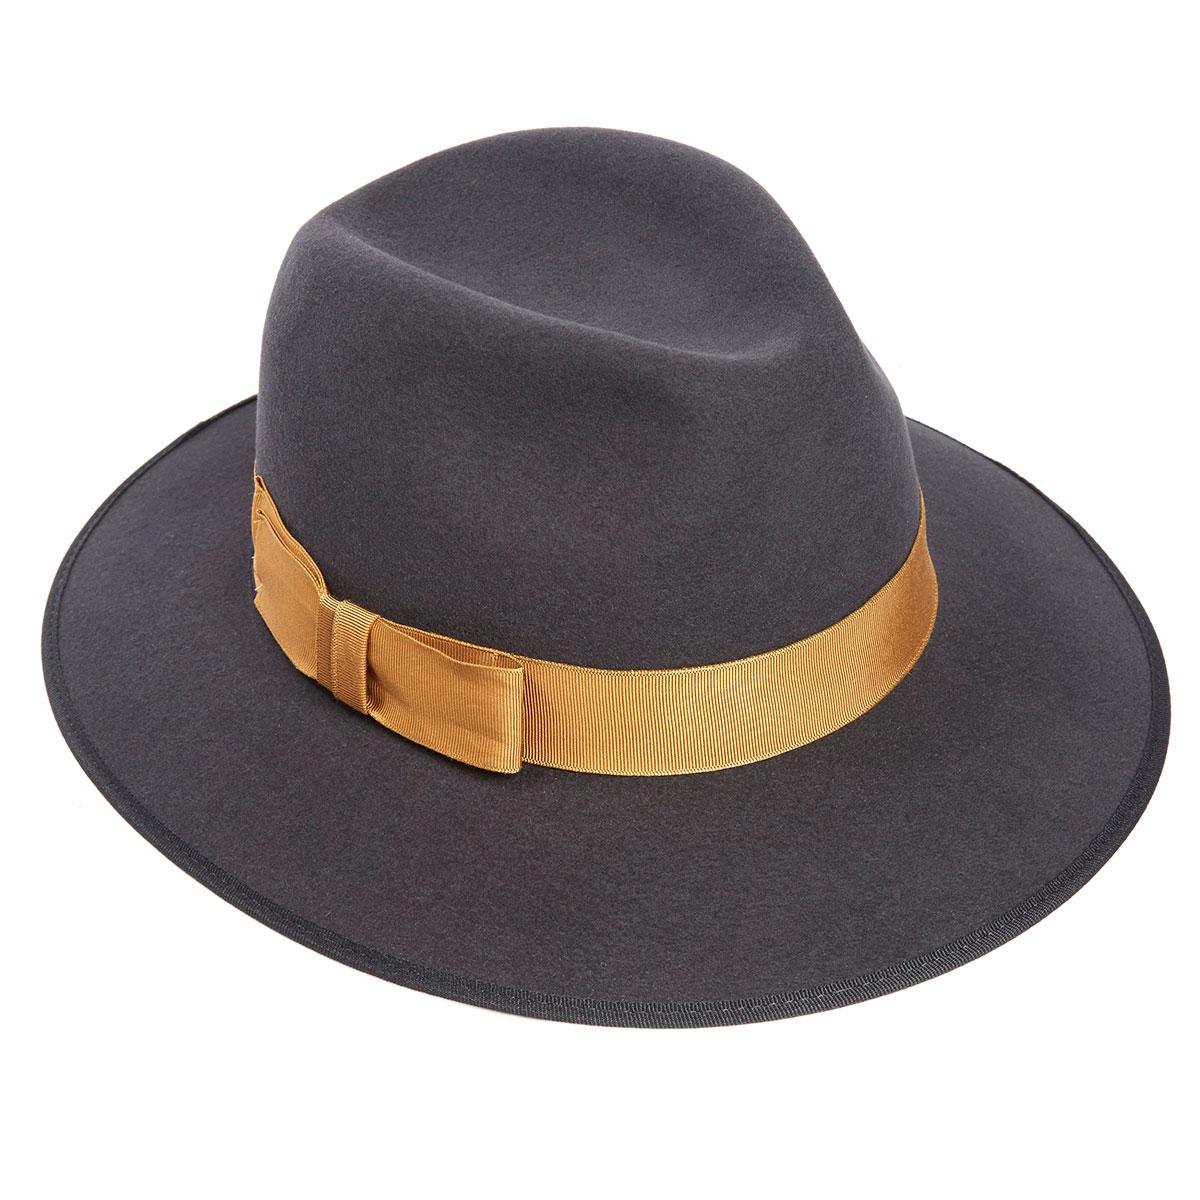 Sophia Fur Felt Trilby Hat - Bessemer in Size 60cm